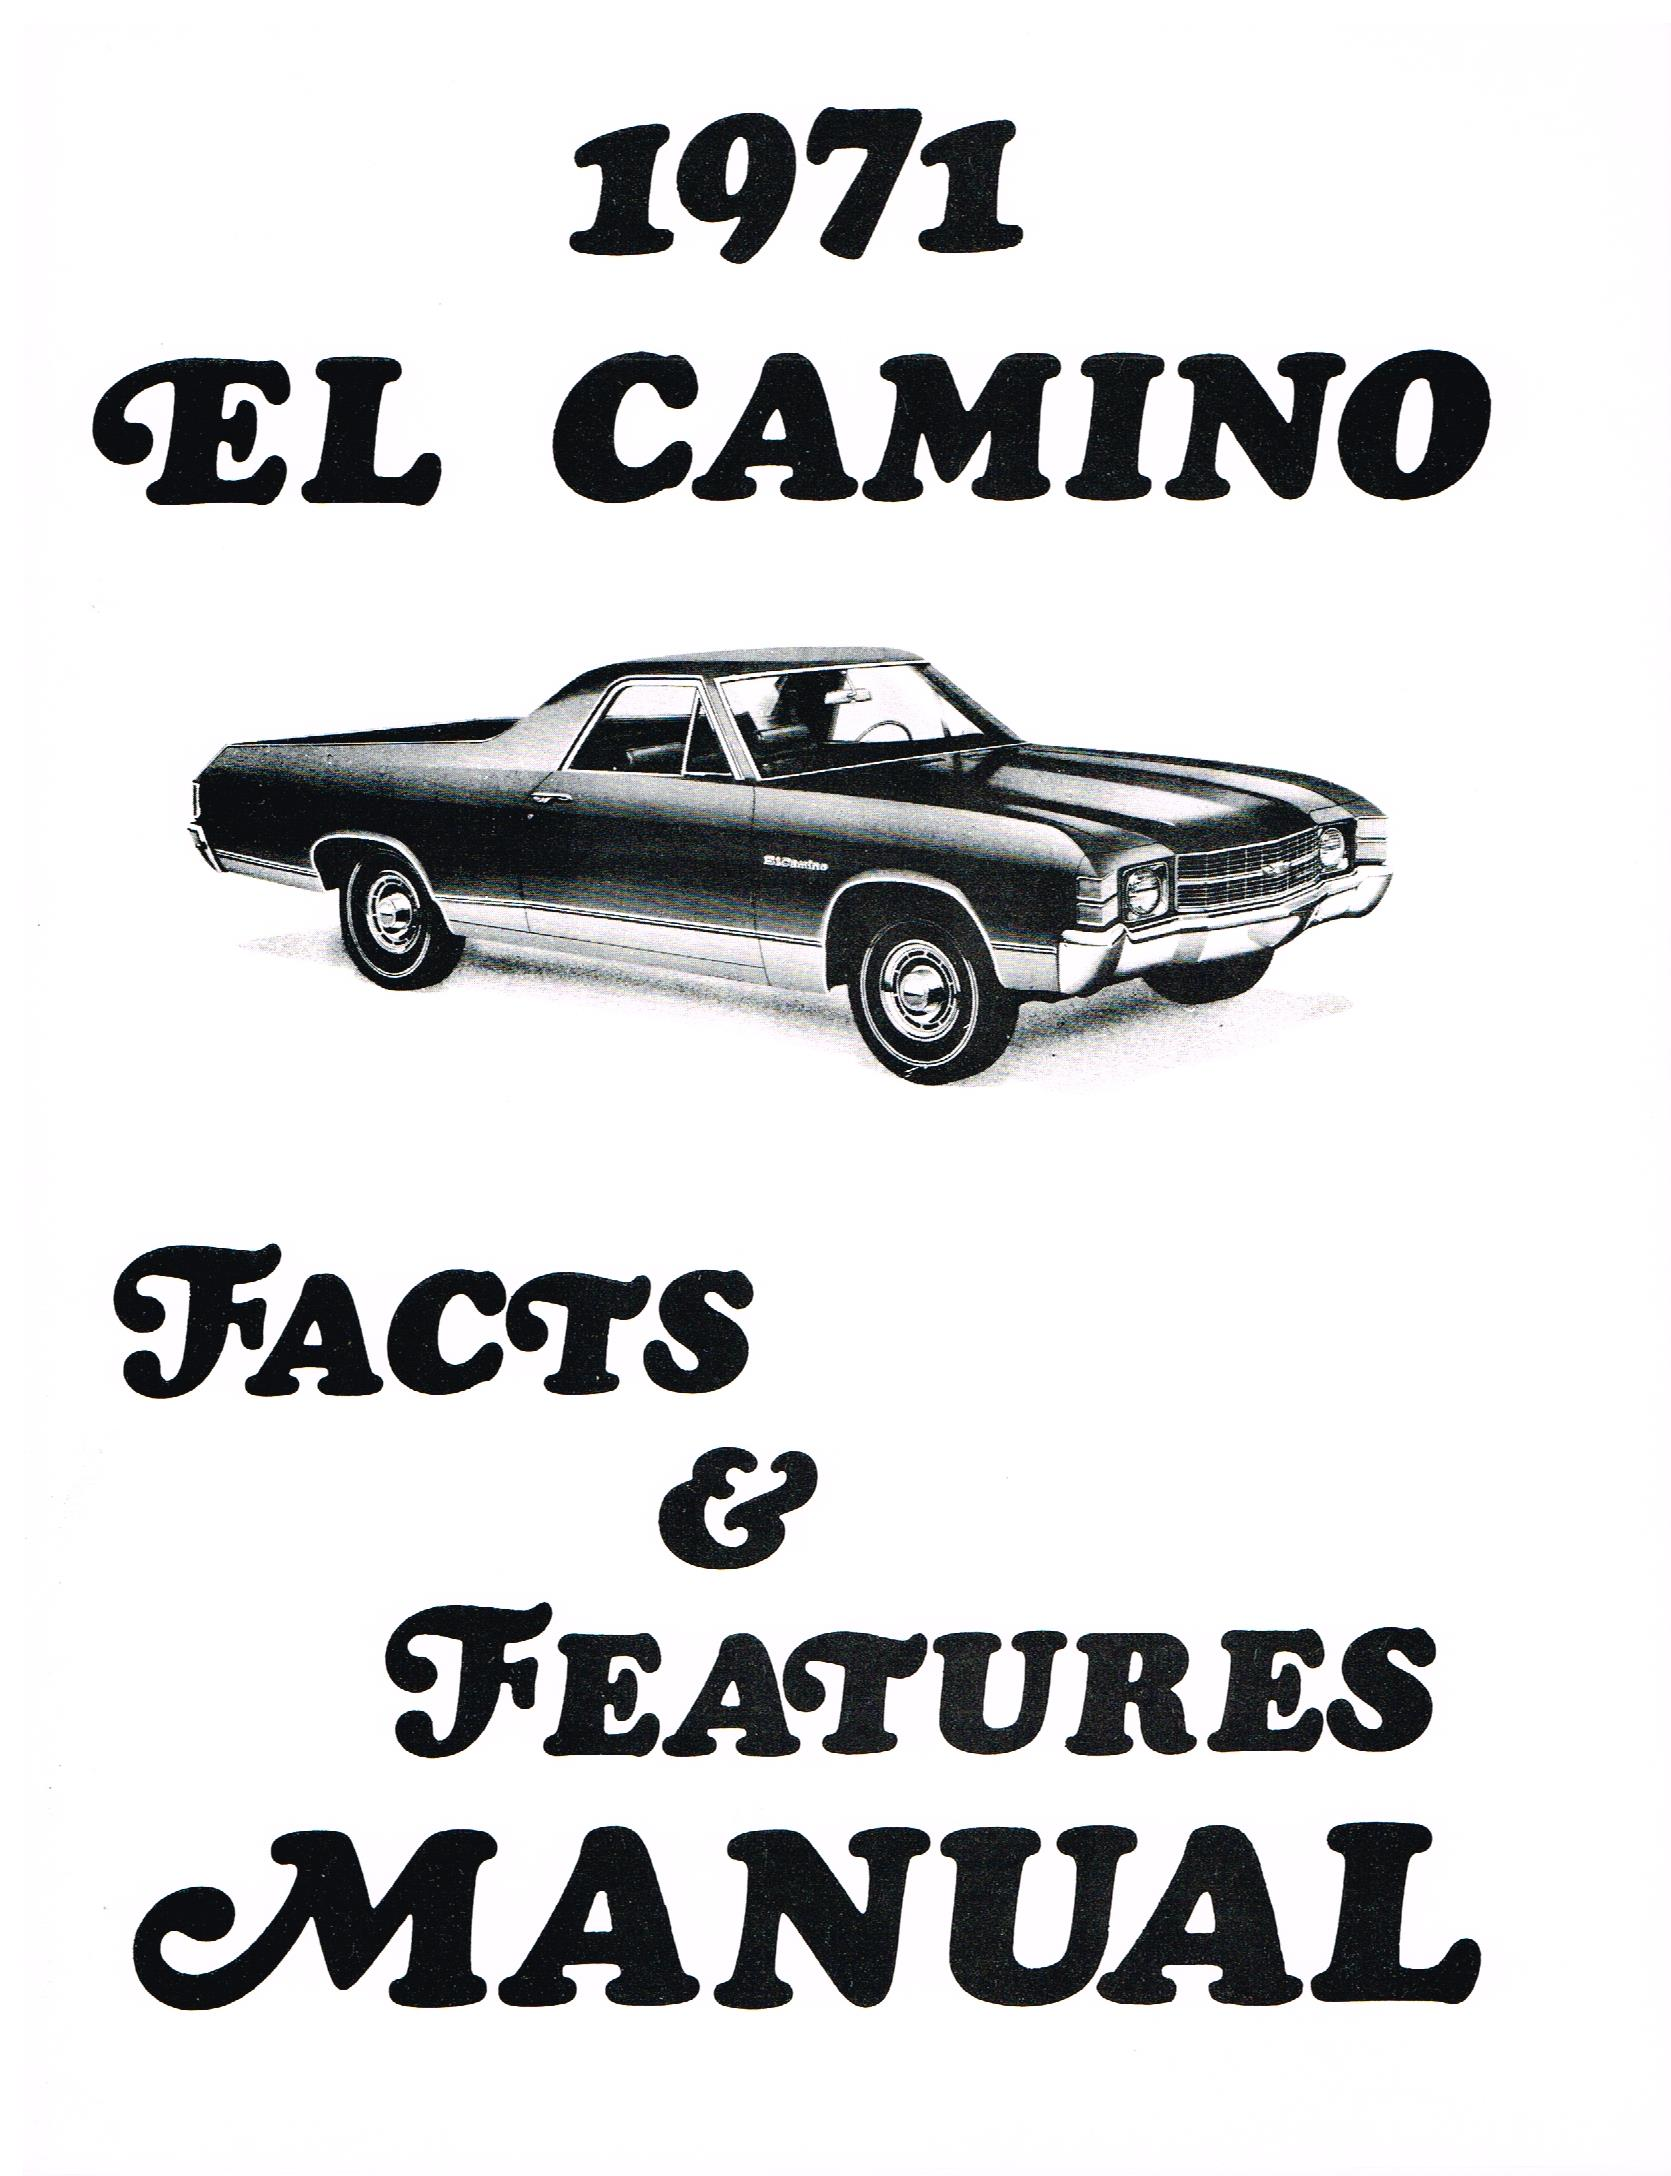 86 El Camino Hot Rod